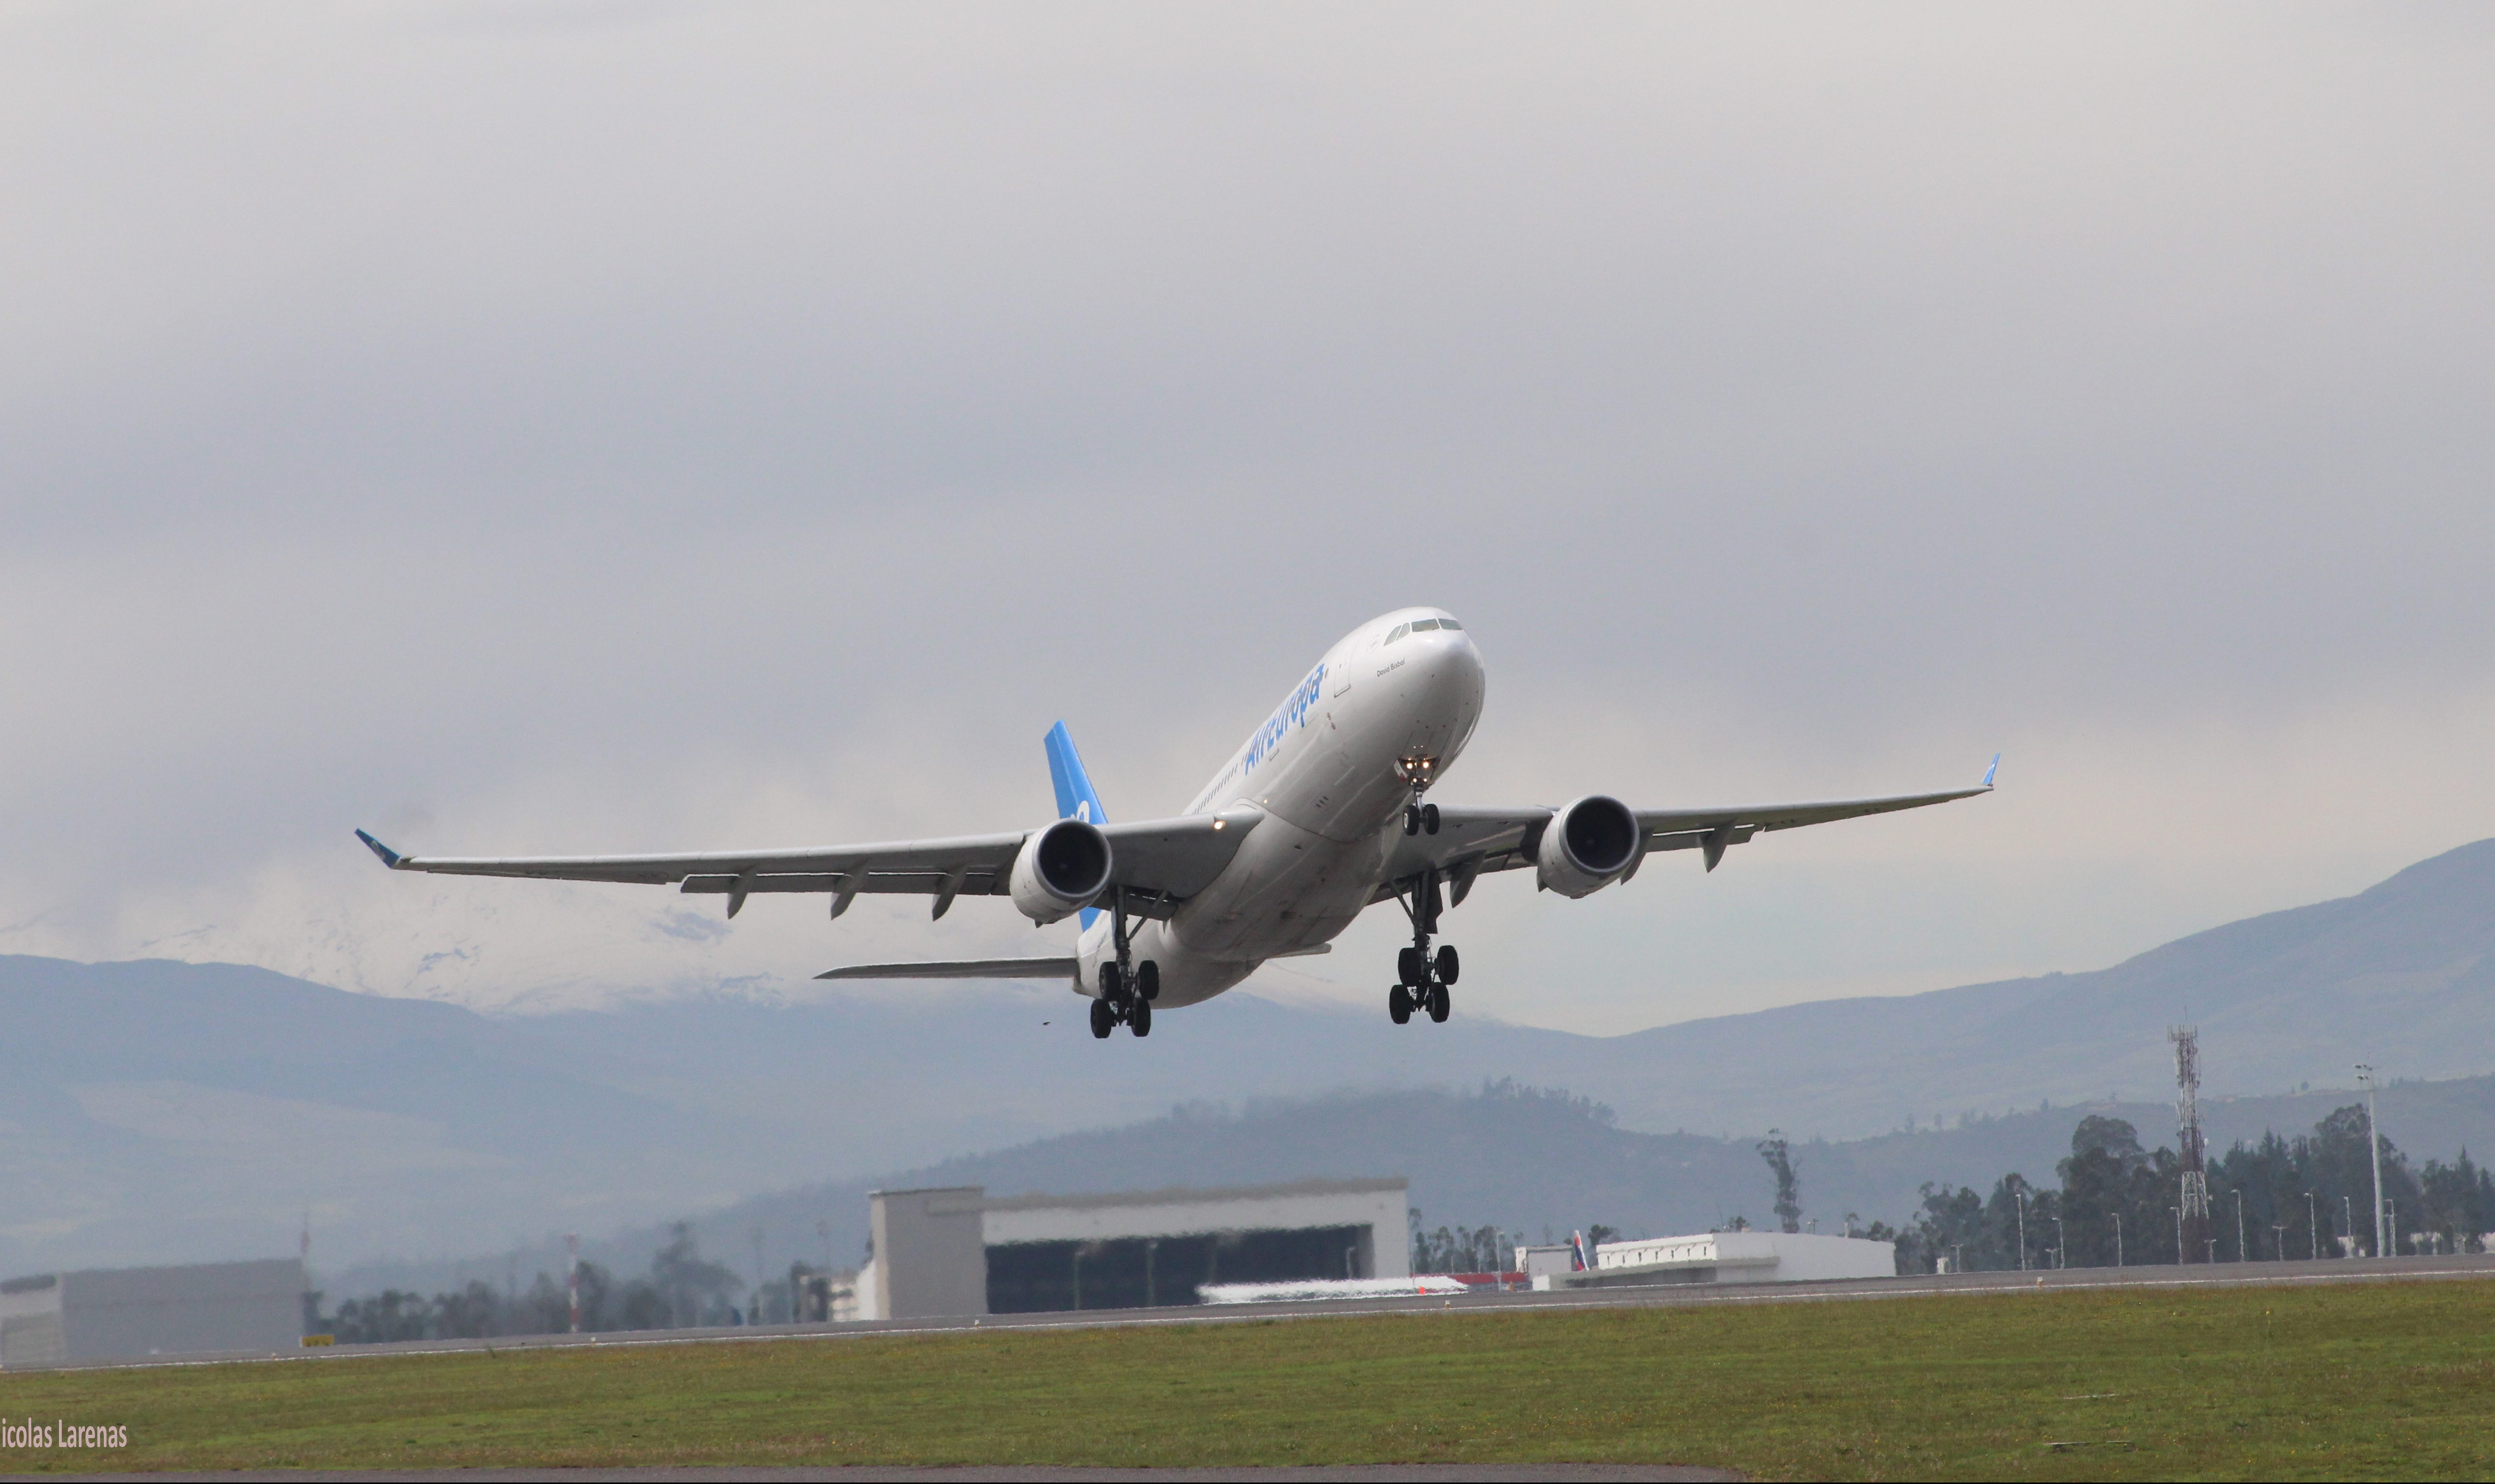 Air Europa duplica vuelos en Honduras y demuestra la confianza en el país: Emilio Silvestri